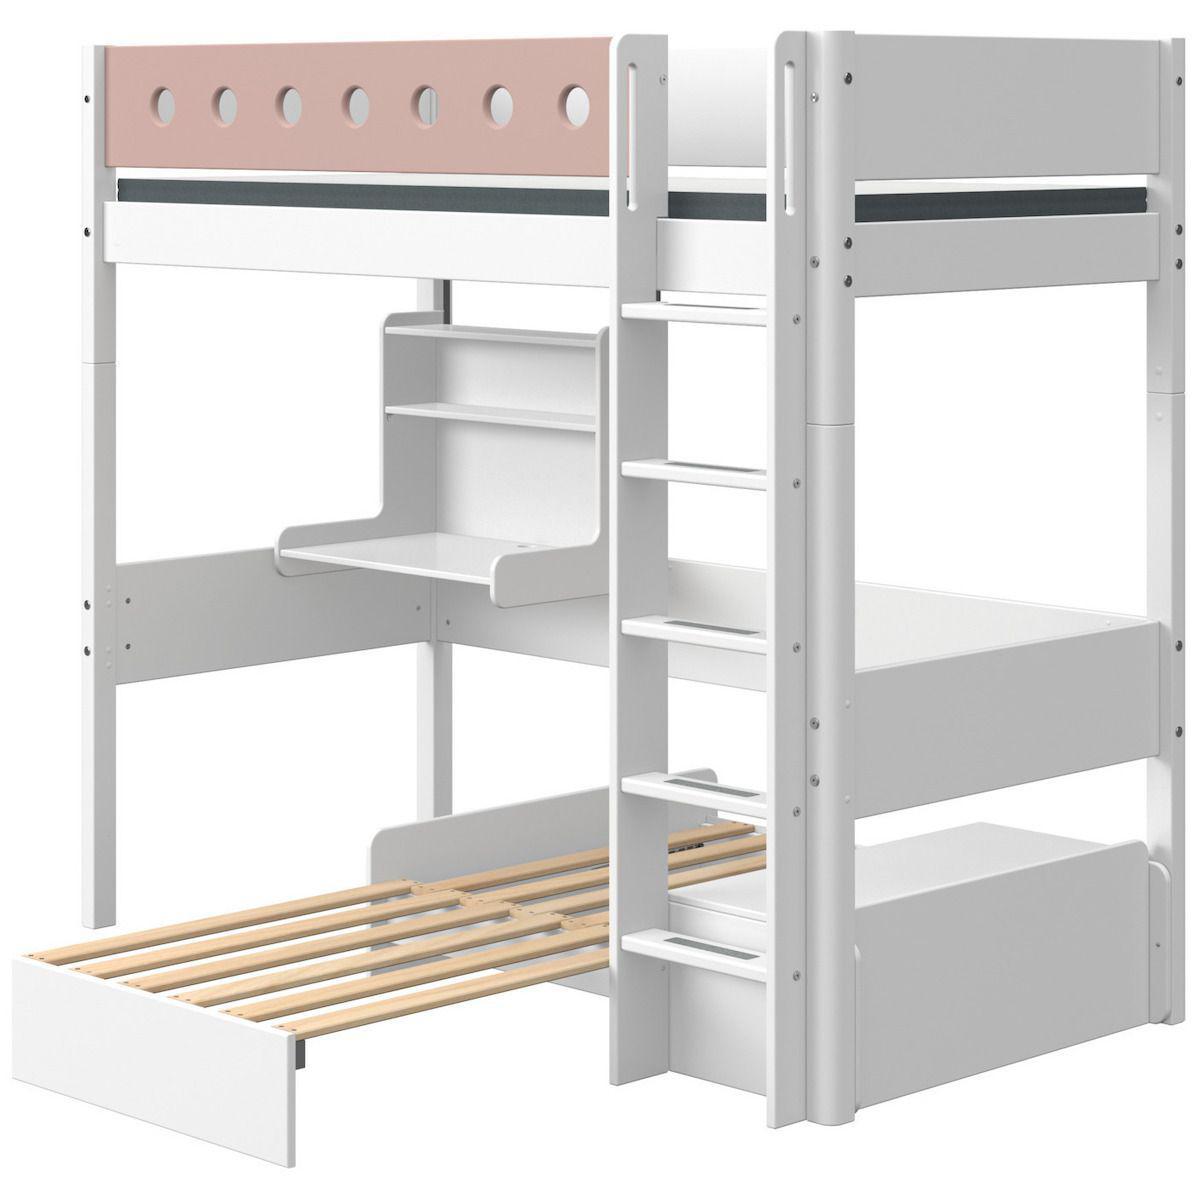 Lit mezzanine 90x190cm échelle droite bureau Click-On module de couchage casa WHITE Flexa blanc-light rose